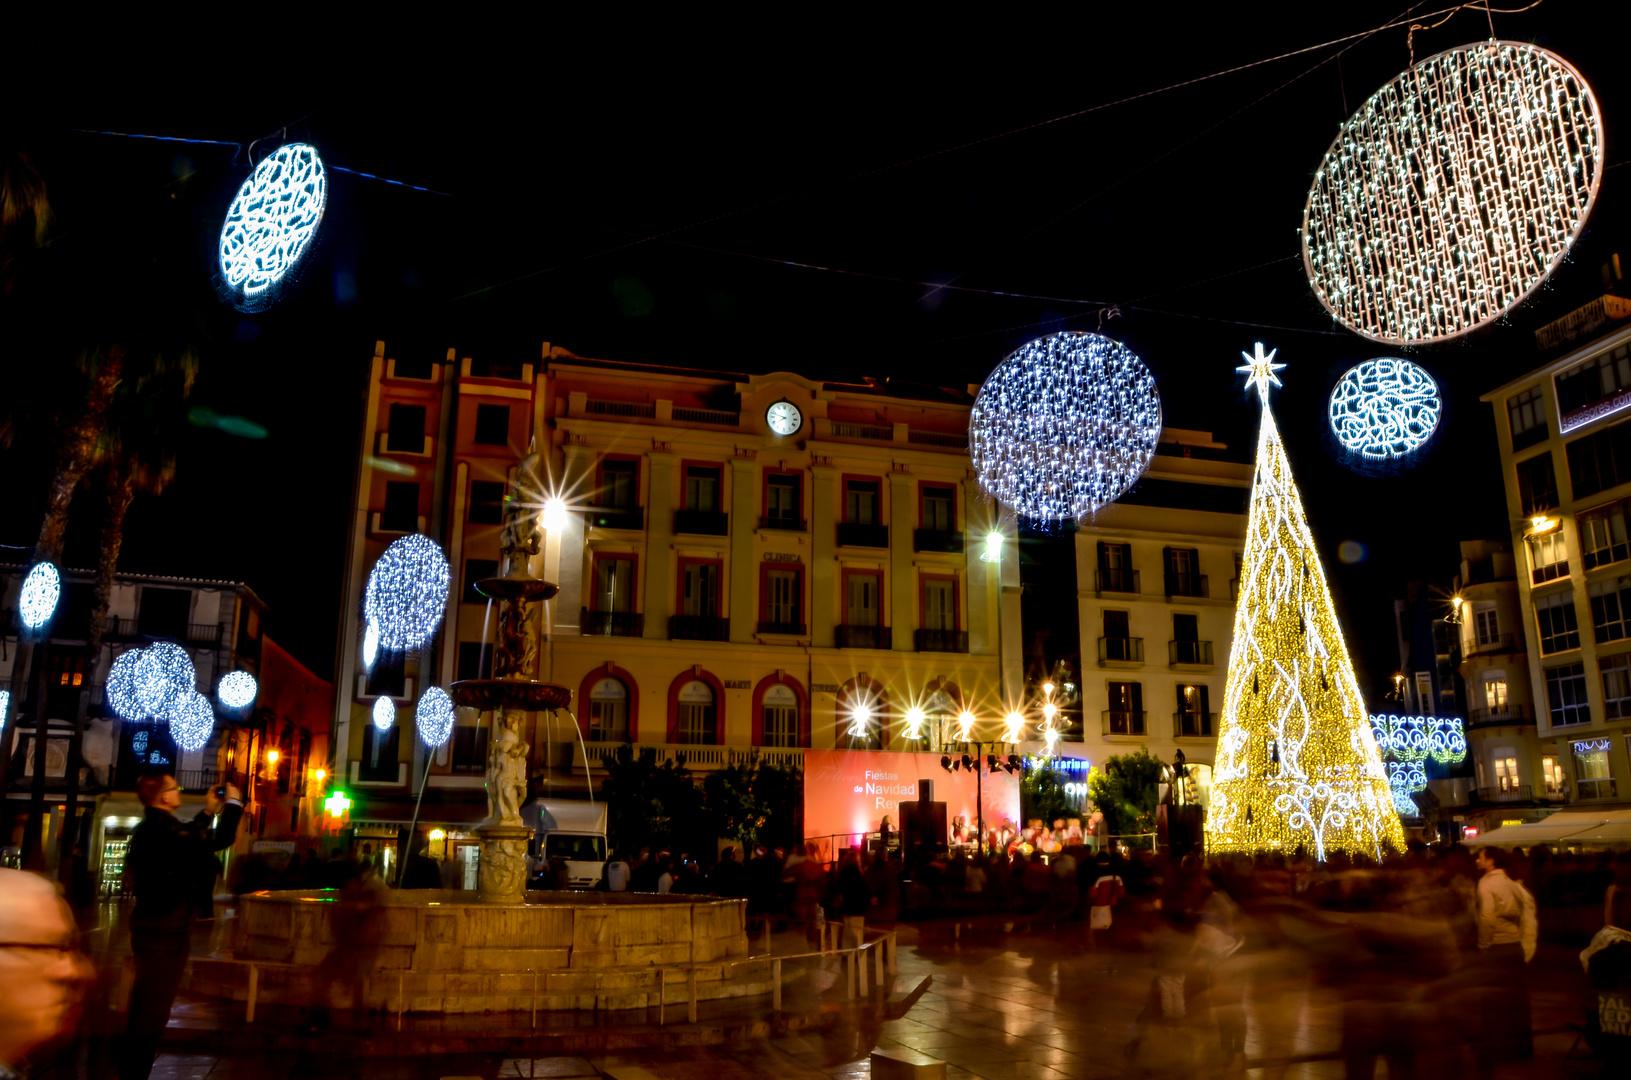 Nächtliche Weihnachtsdekoration in Malaga (Andalusien, Spanien) Foto ...